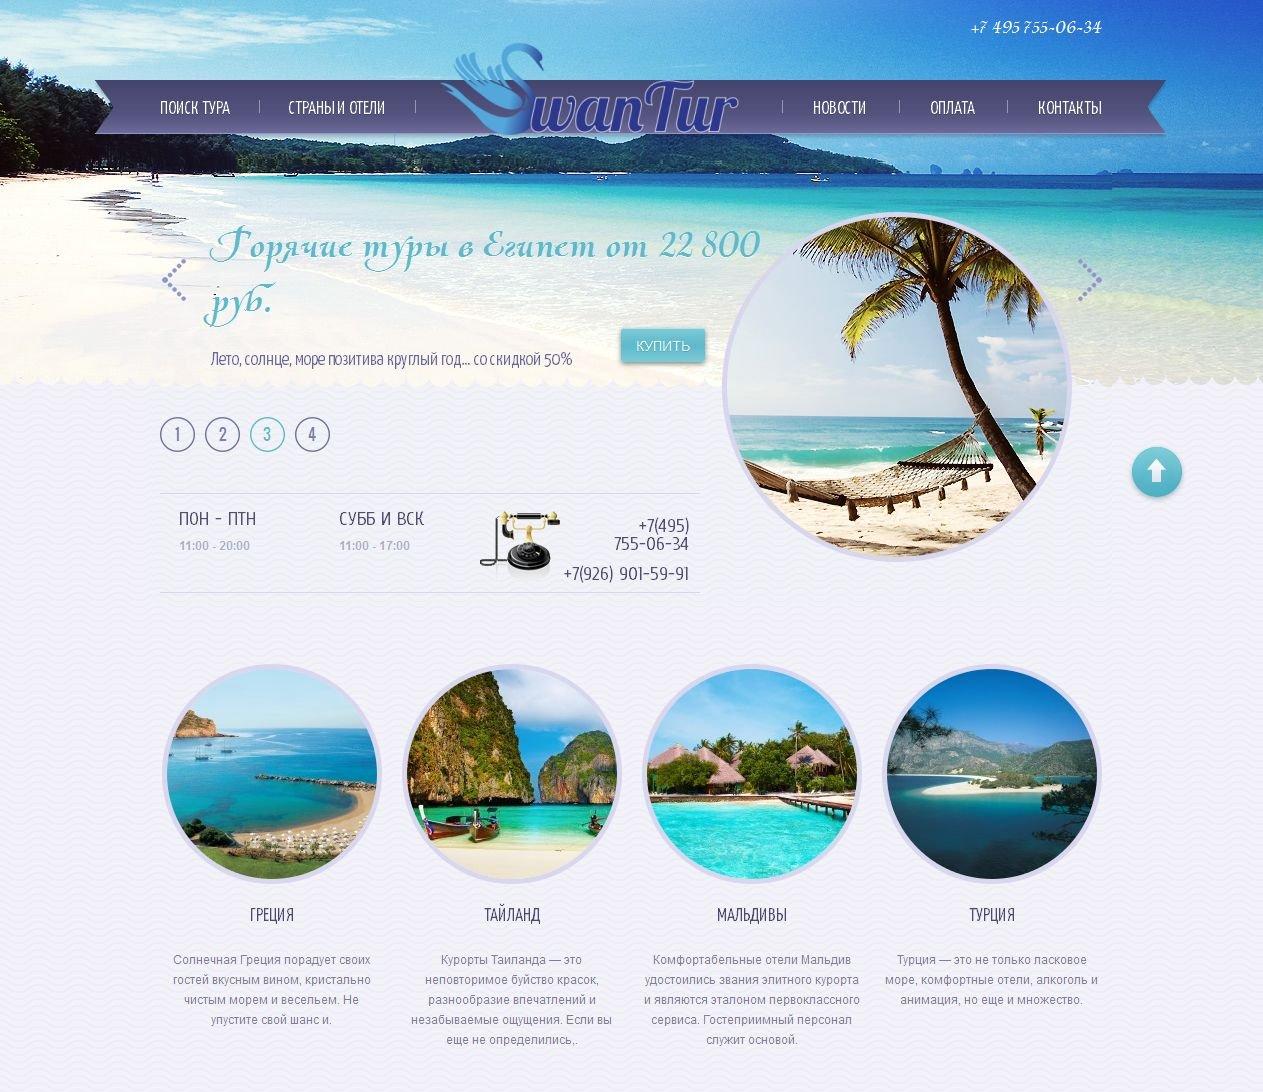 Туристическая компания - swantur.org